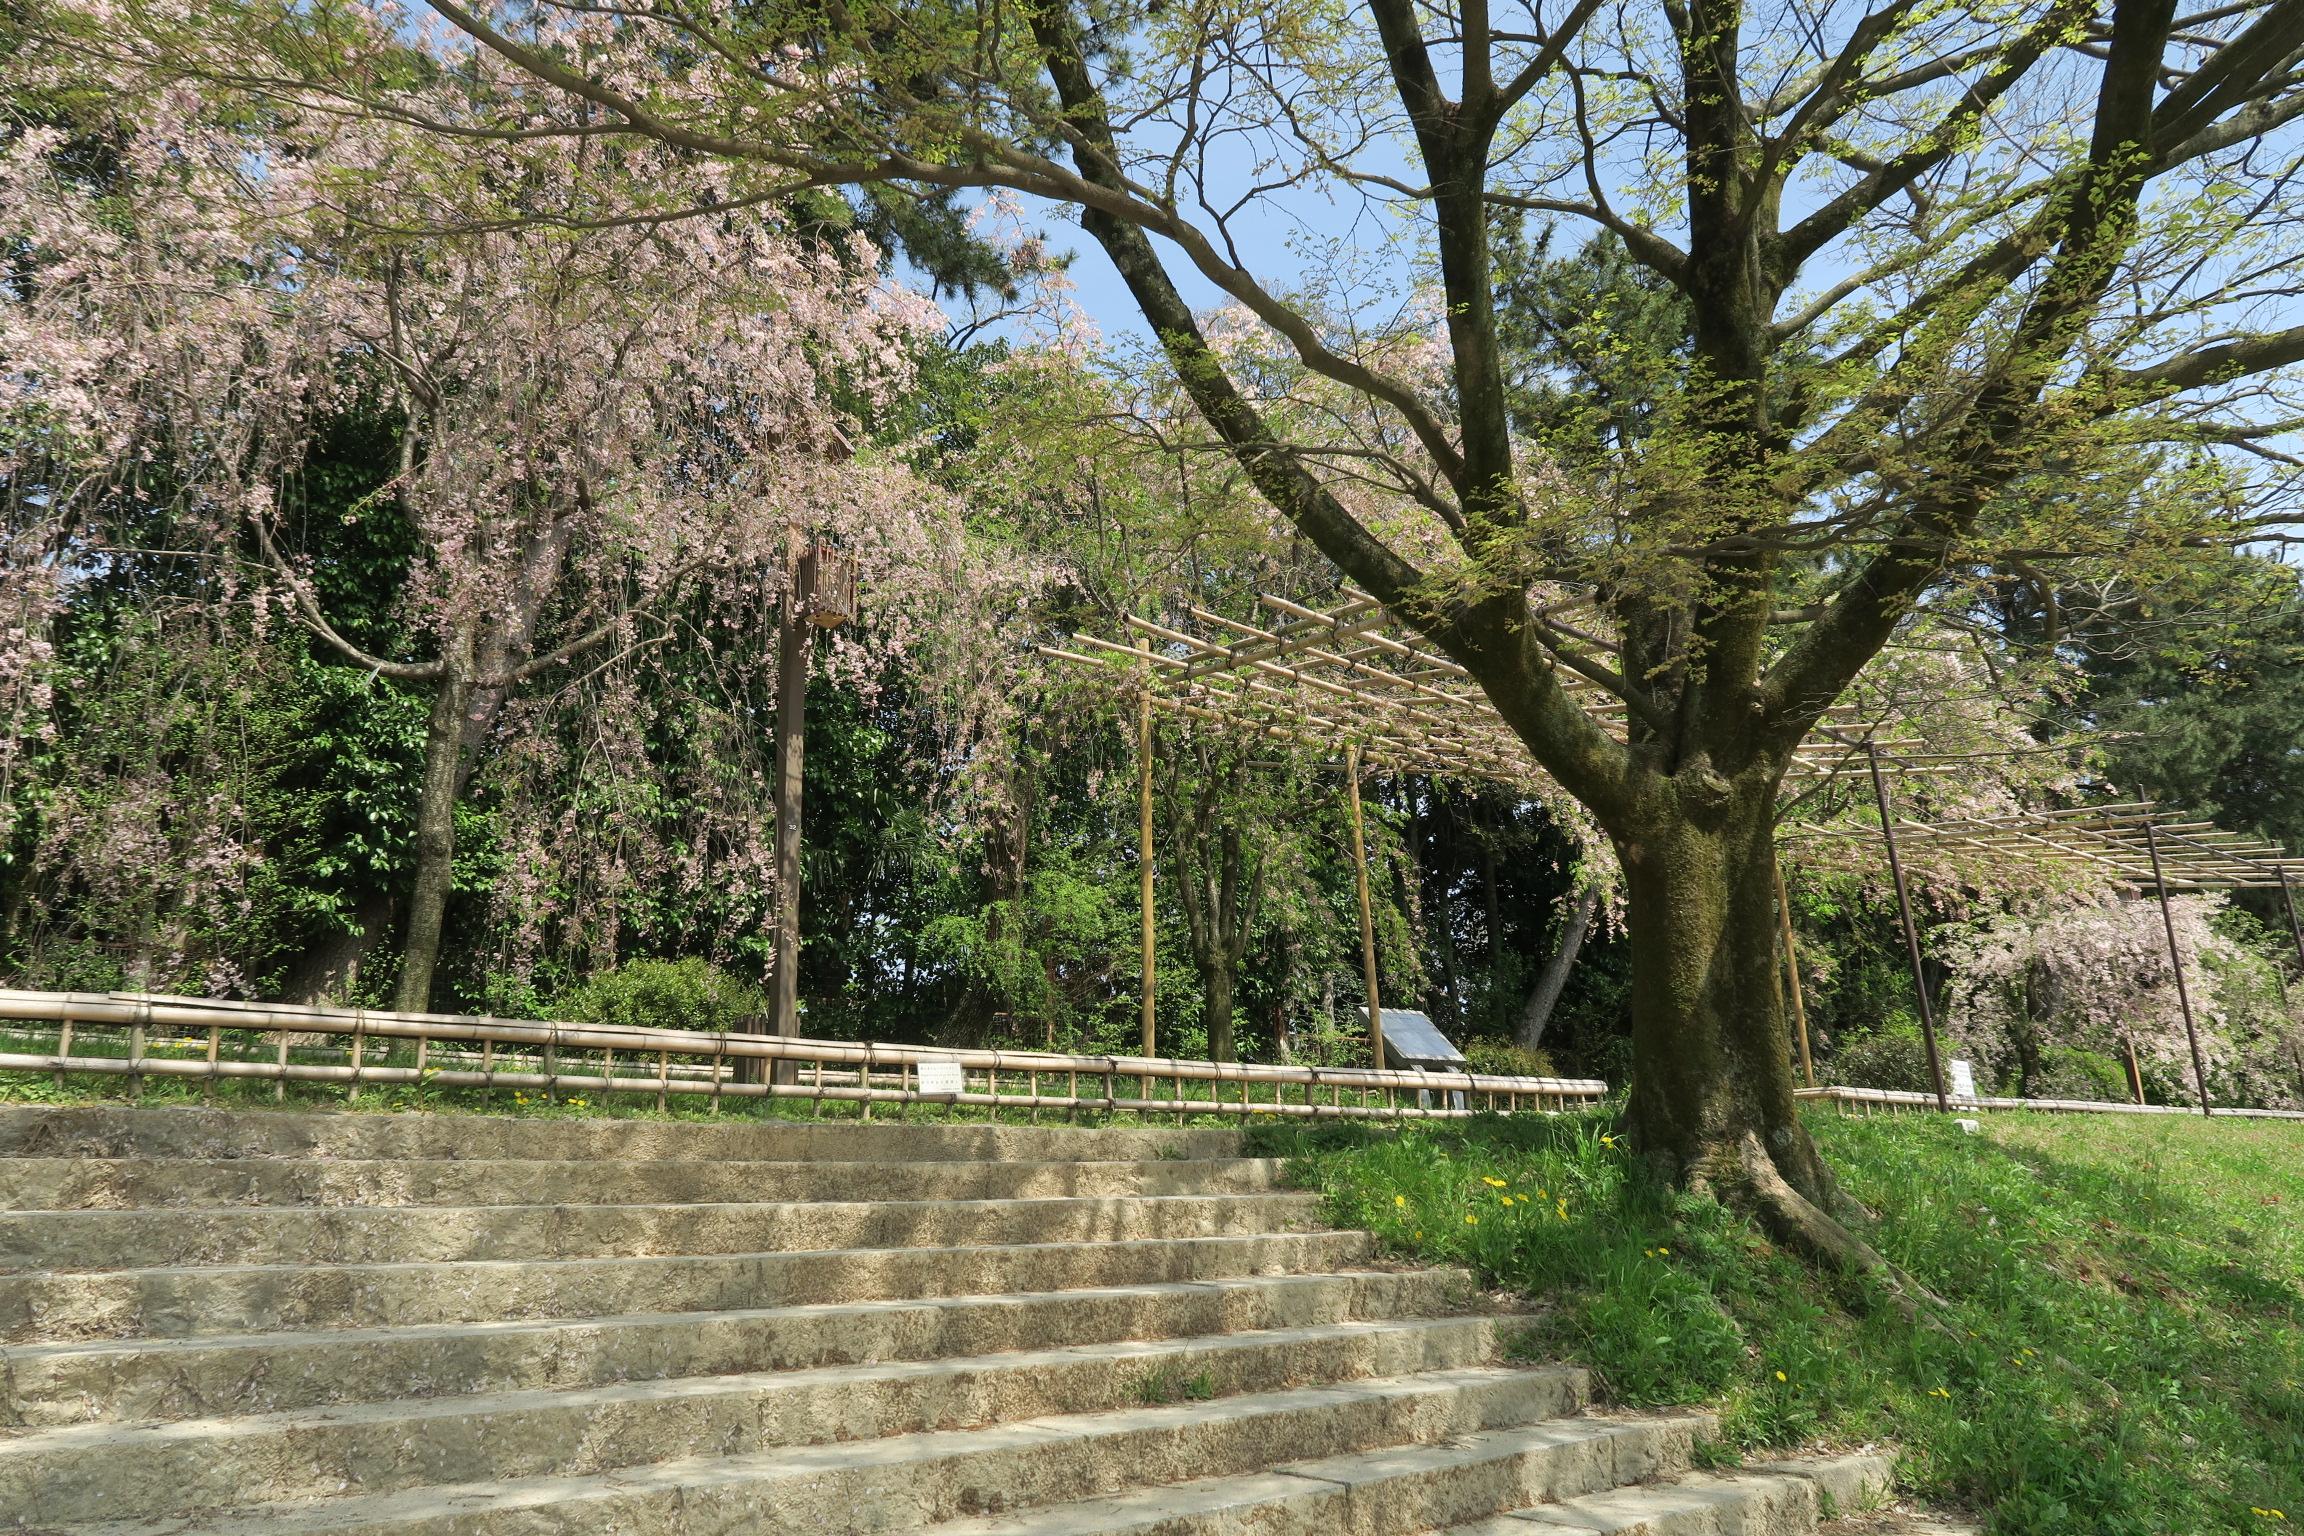 府立植物園の西側の川沿いでランチ。しだれ桜が薄っすらと残ってました。